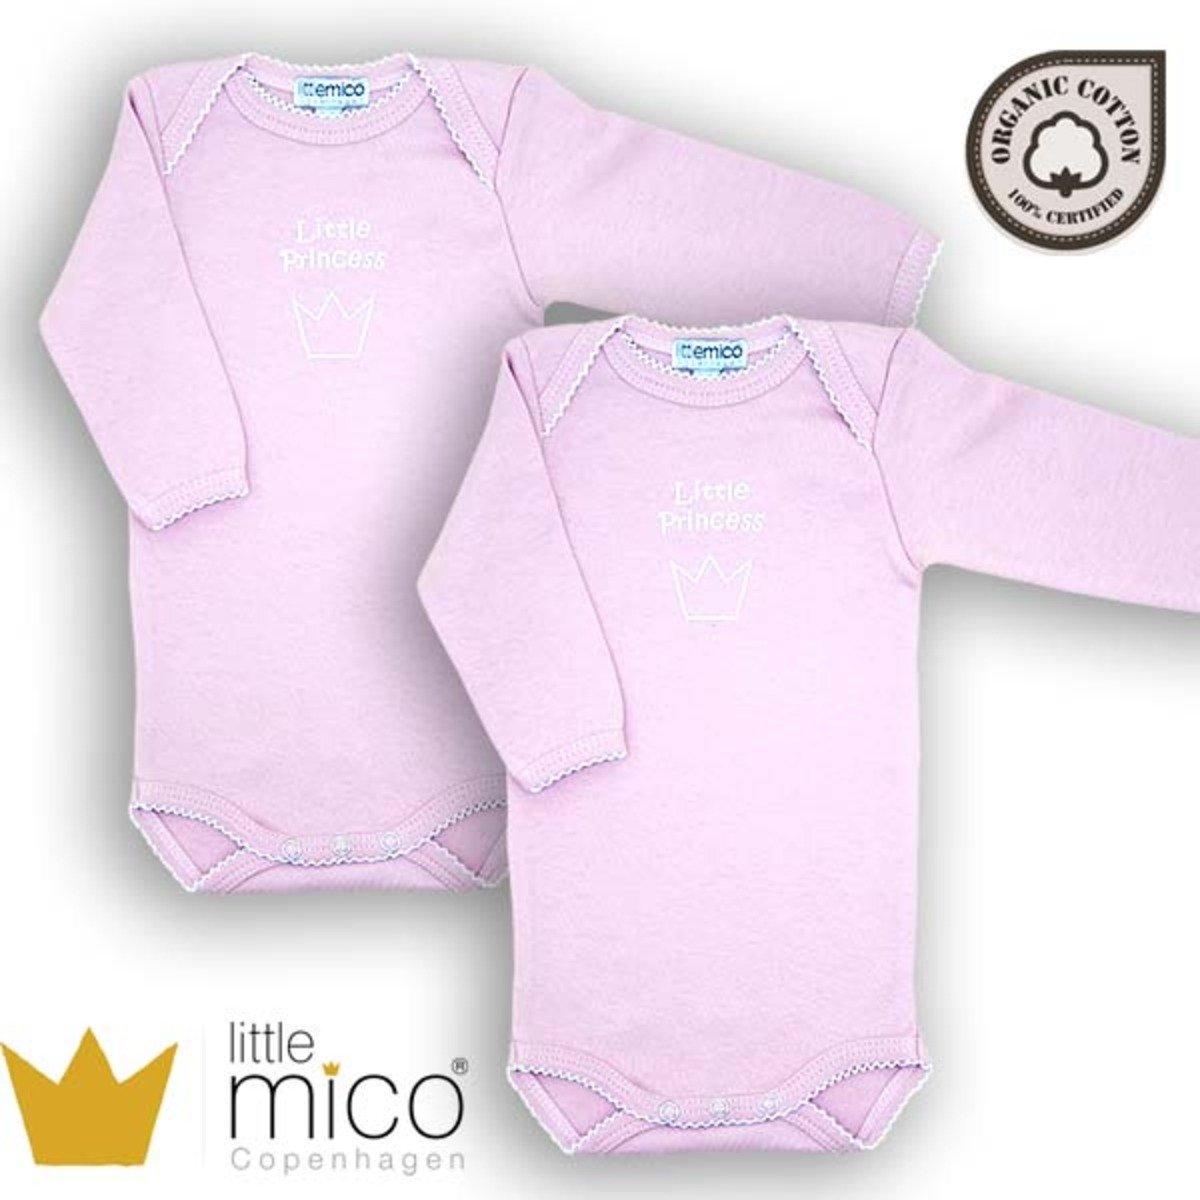 有機棉長袖夾衣 - 小公主 (粉紅色) - 2件裝